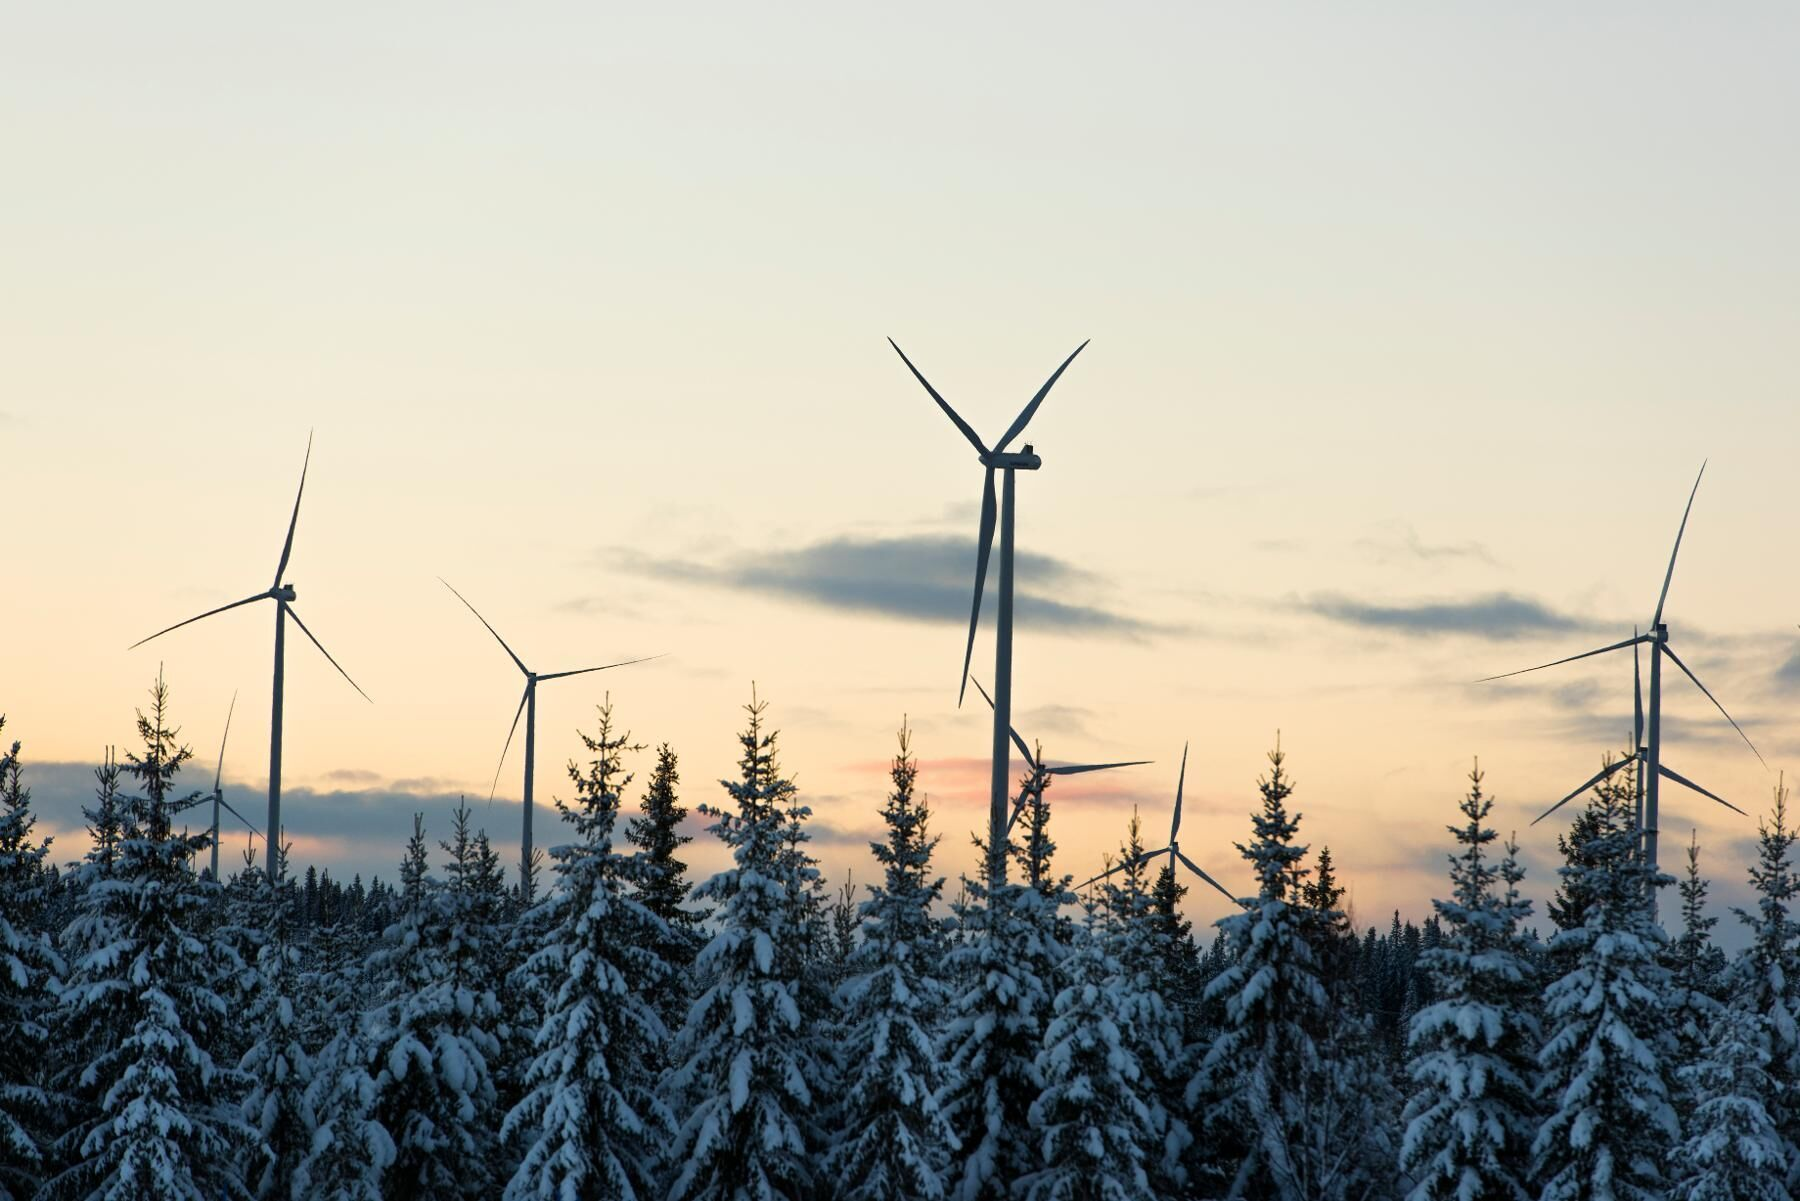 Vindkraften måste liksom övriga stora elproducenter kunna delta både i normaldrift, nöddrift och återuppbyggnadstillstånd av kraftnätet.